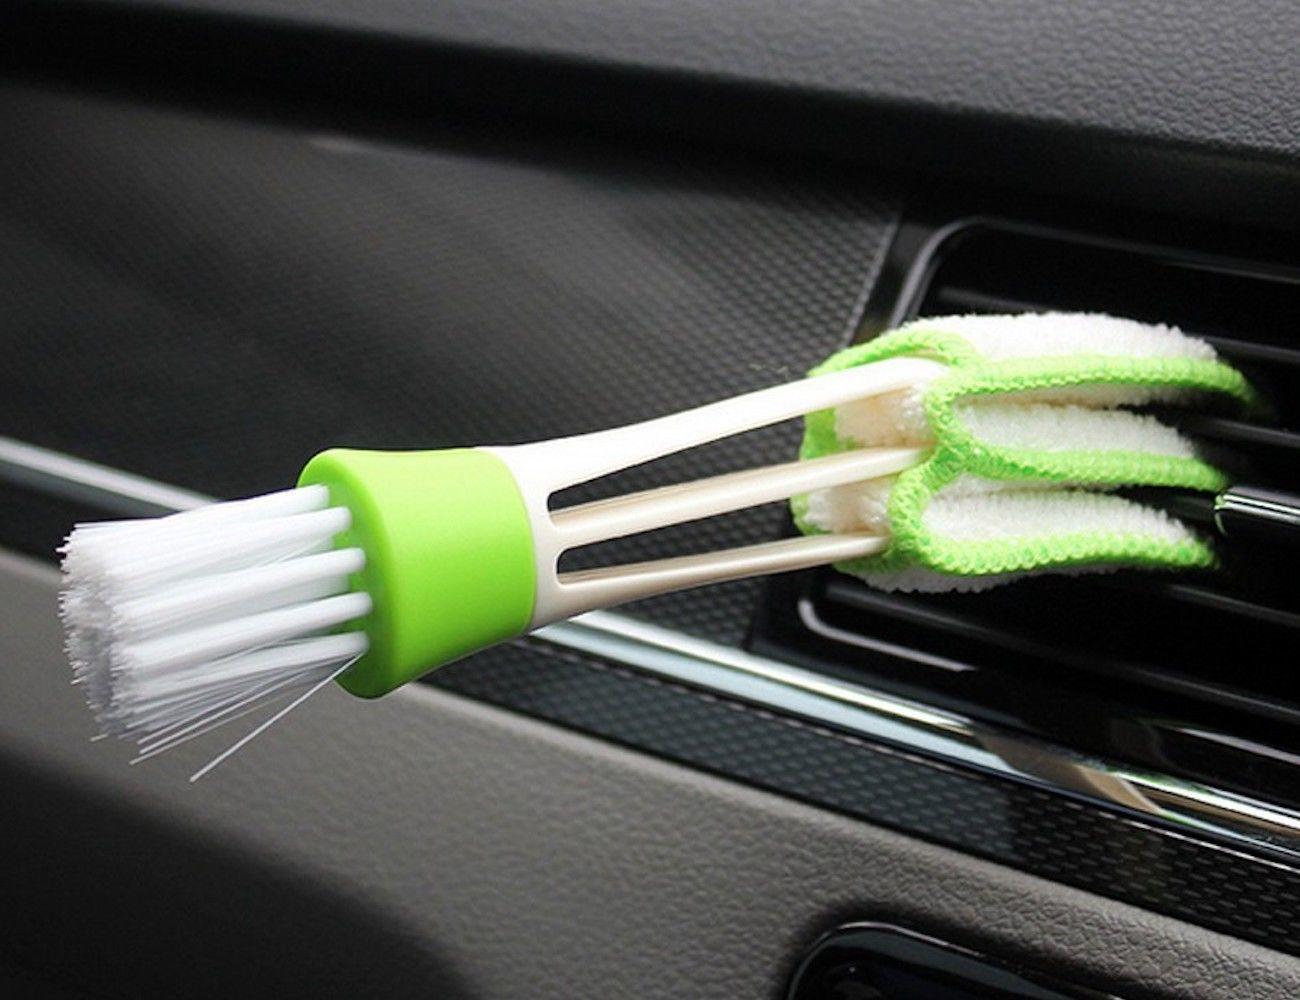 Multi-Use Everyday Dusting Brush